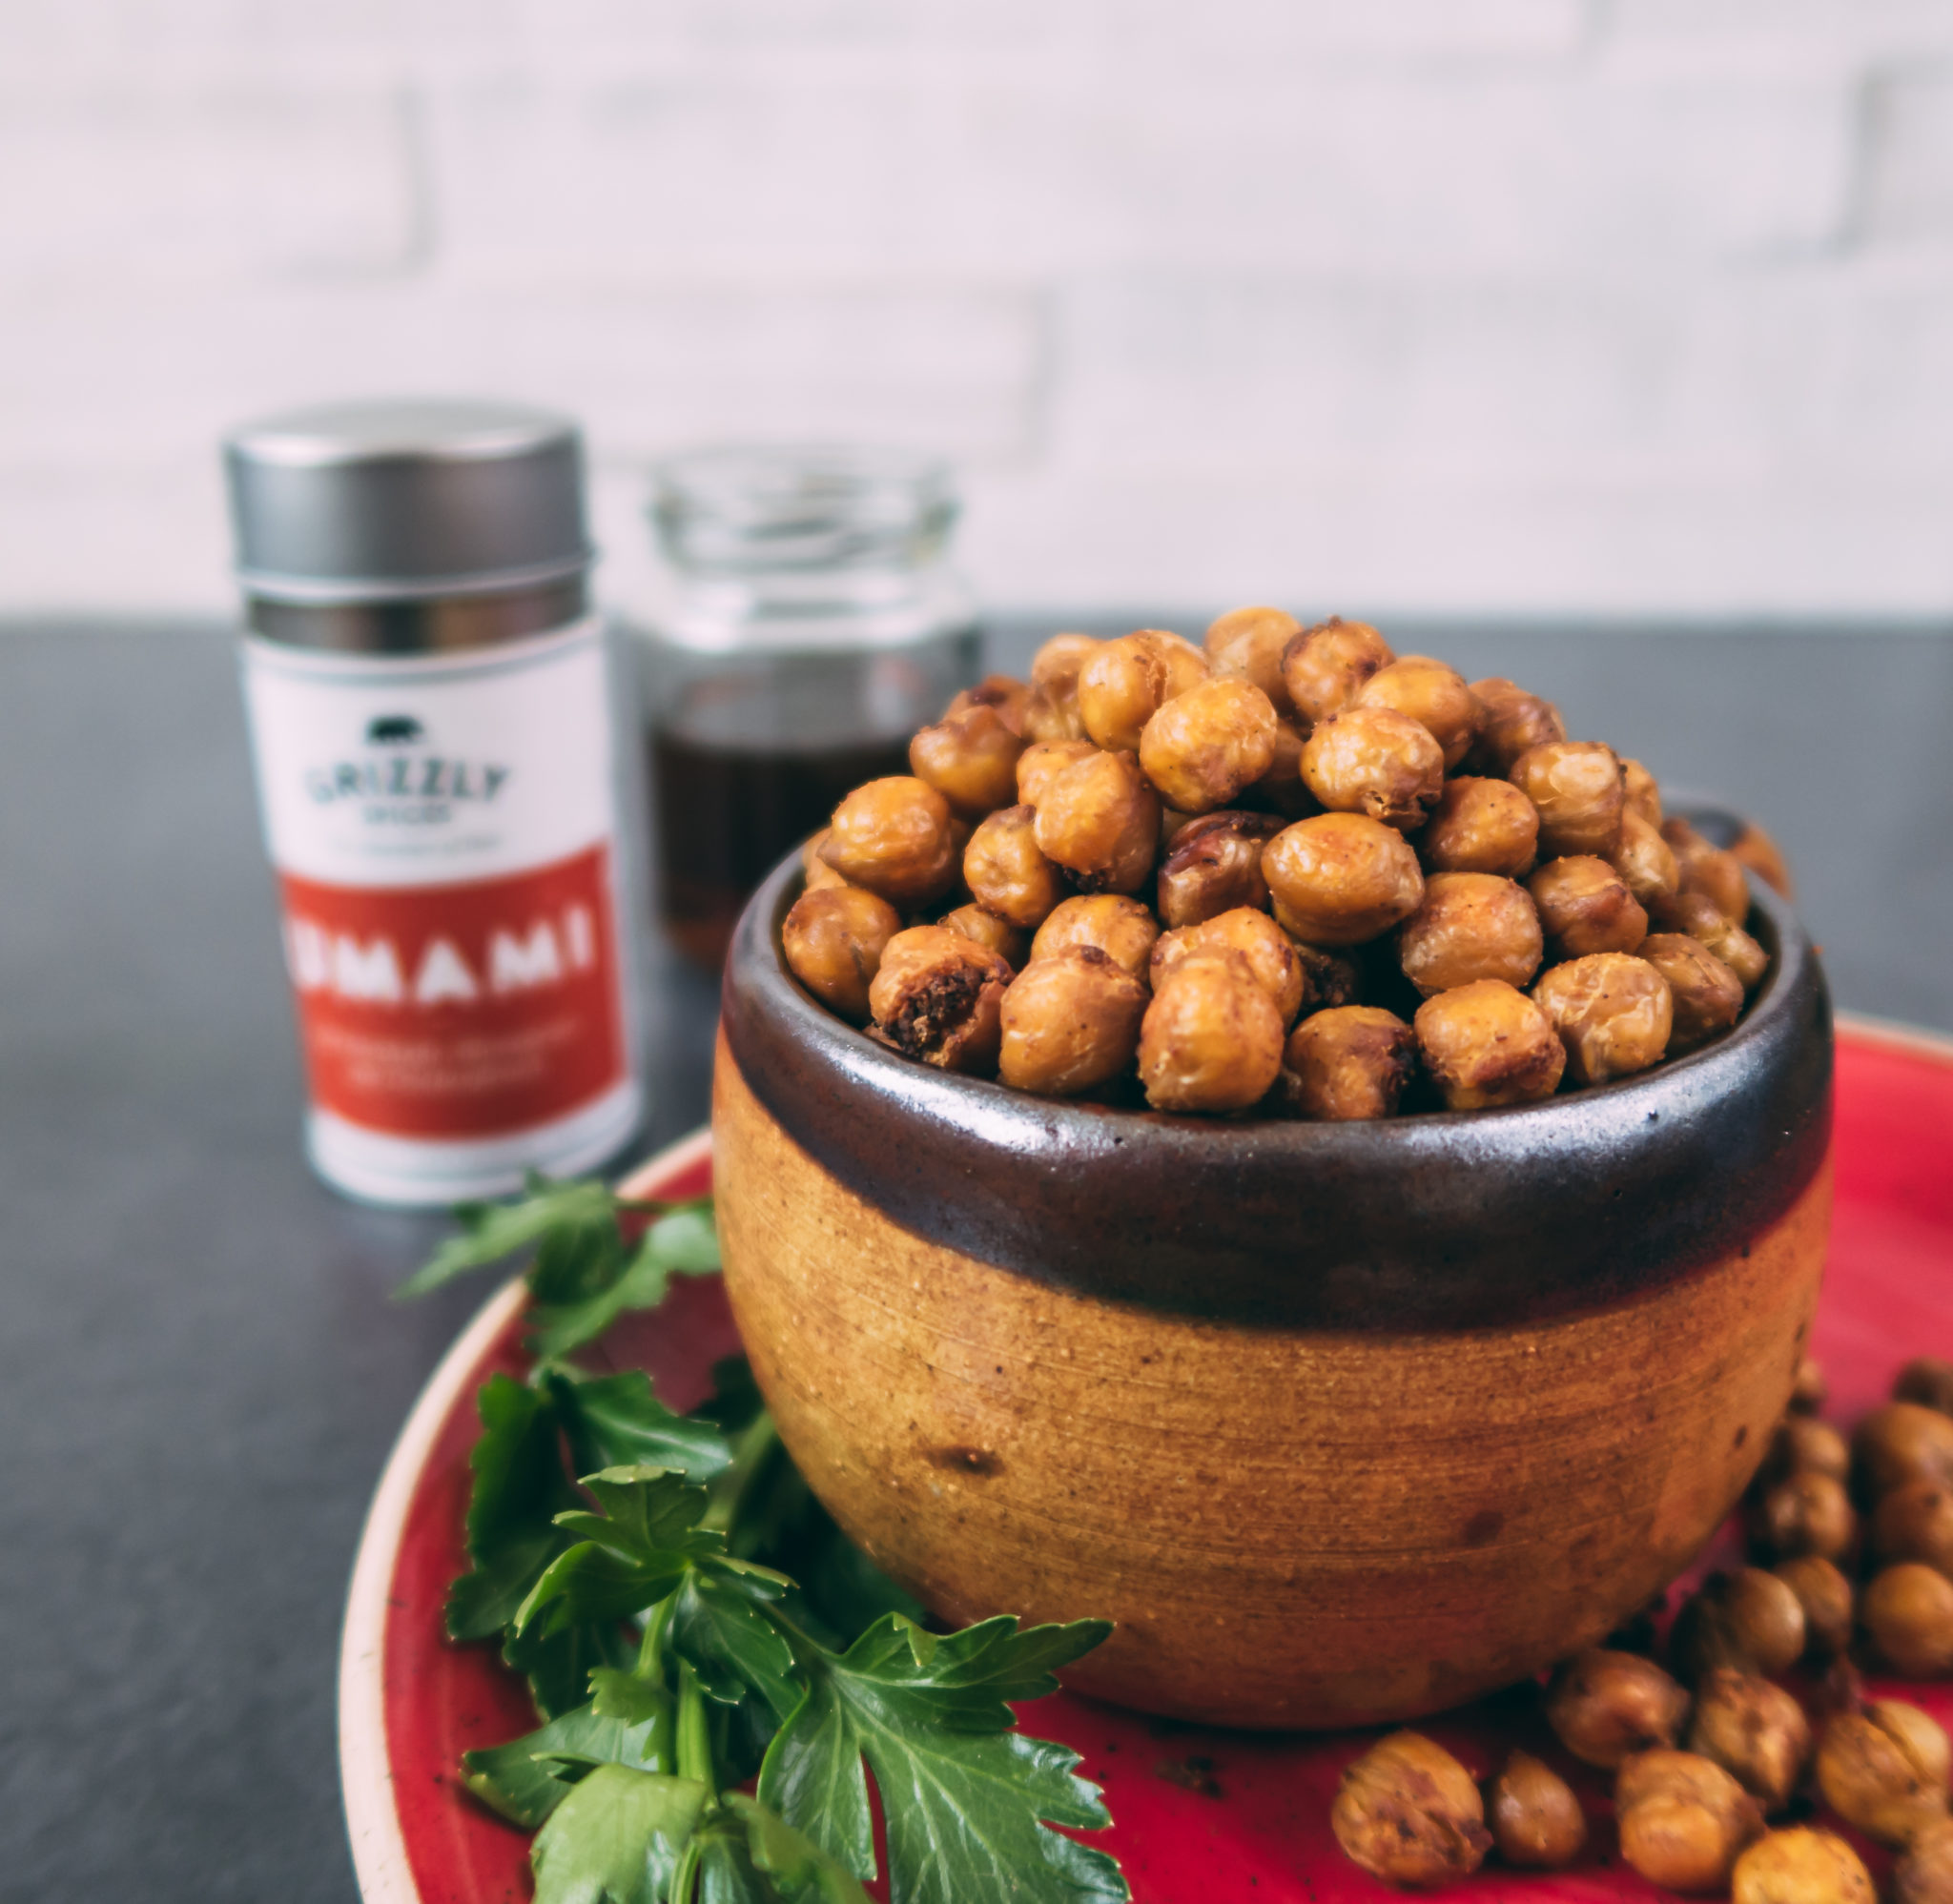 Kichererbsen mit UMAMI – die gesunde Alternative zu Chips